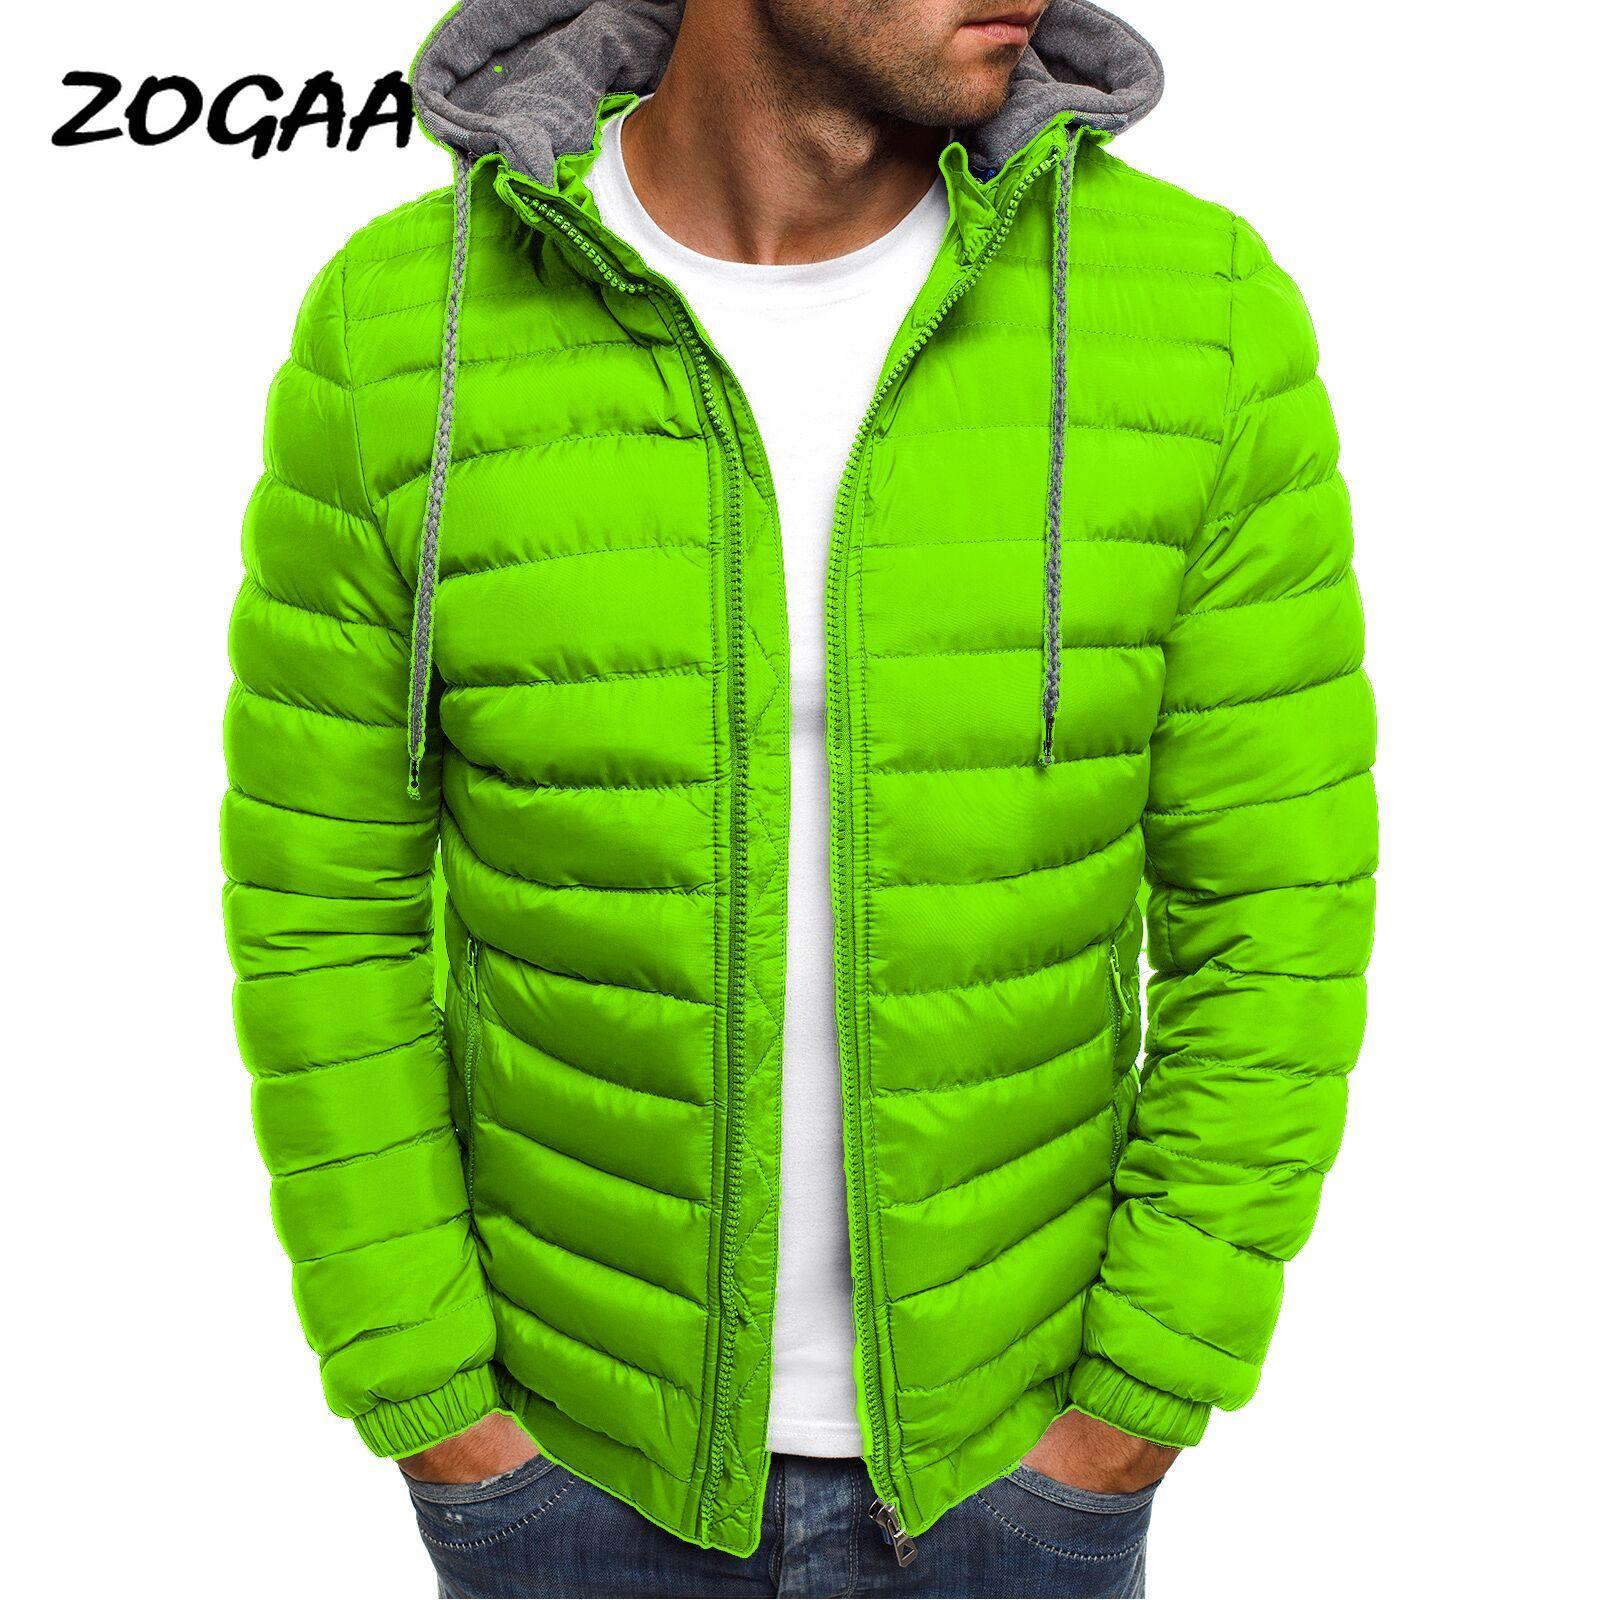 ZOGAA Мужская Зимняя парка, мужская повседневная куртка с капюшоном, одноцветная теплая ветрозащитная тонкая куртка, зимняя уличная одежда ра...